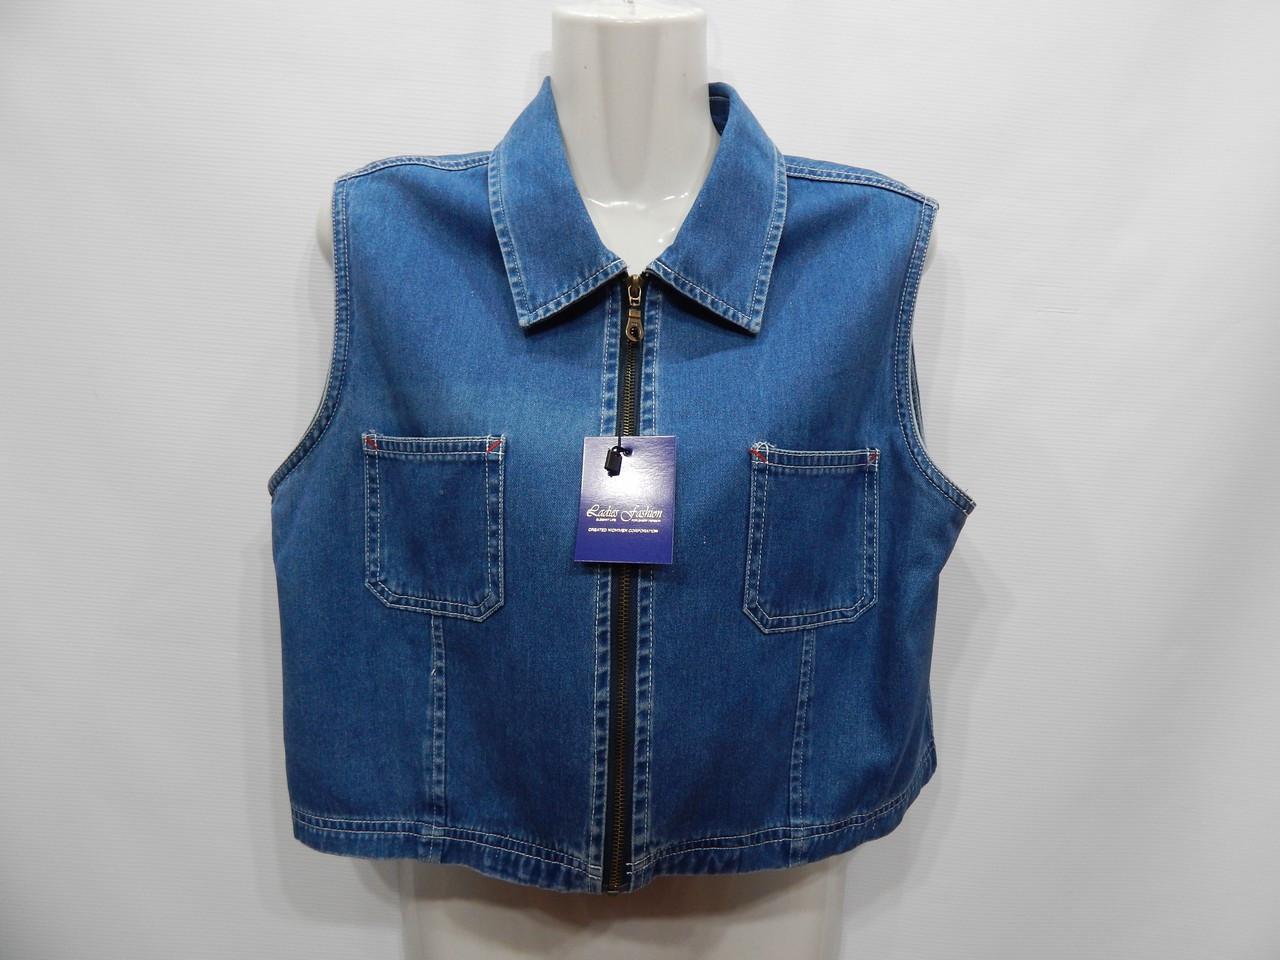 Жилет женский джинсовый короткий BLIND DATE RUS р.50, EUR 42 141G